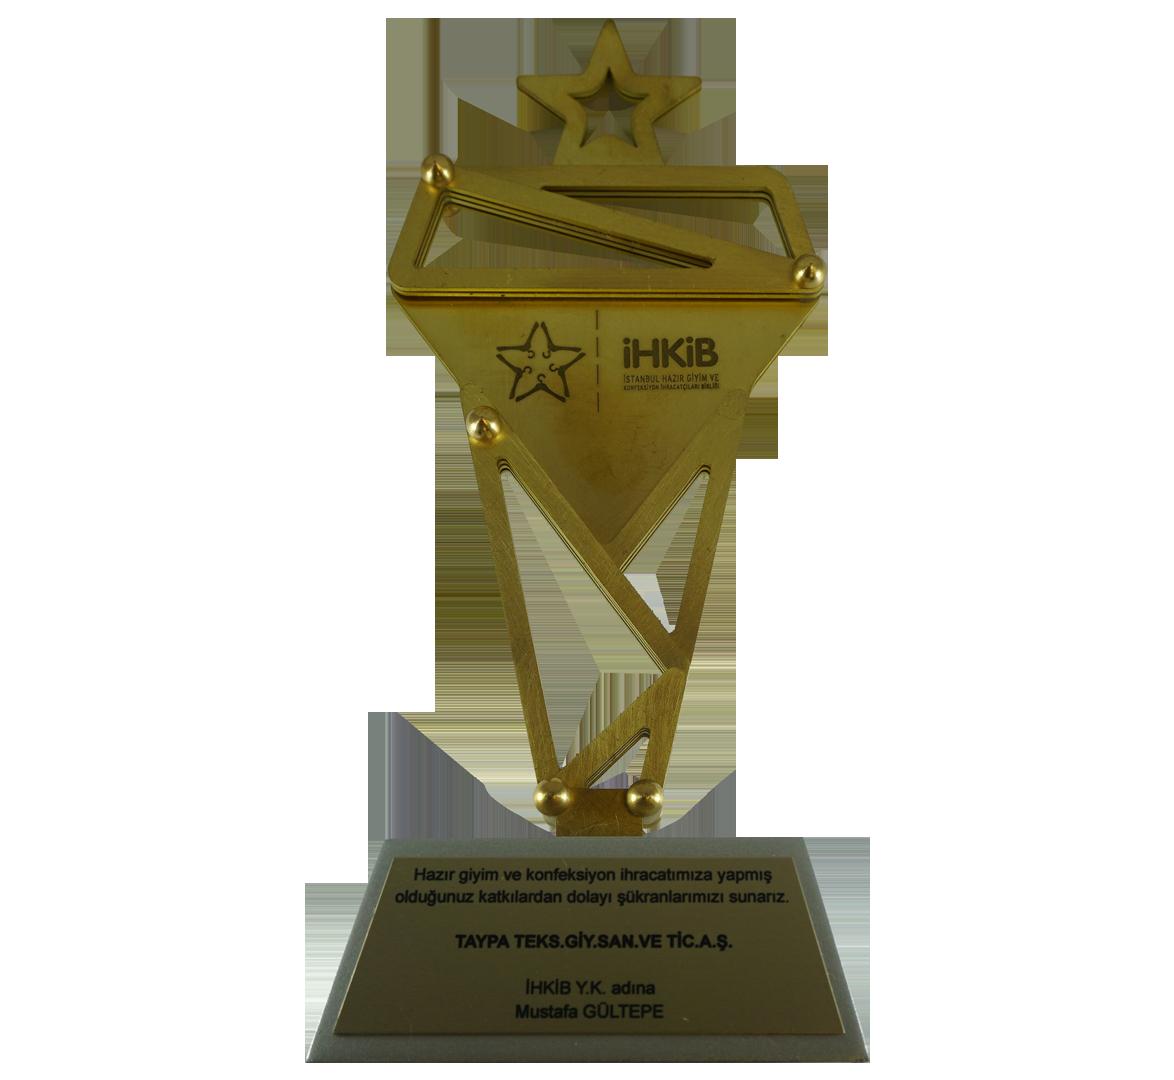 İHKİB Platinum 2017